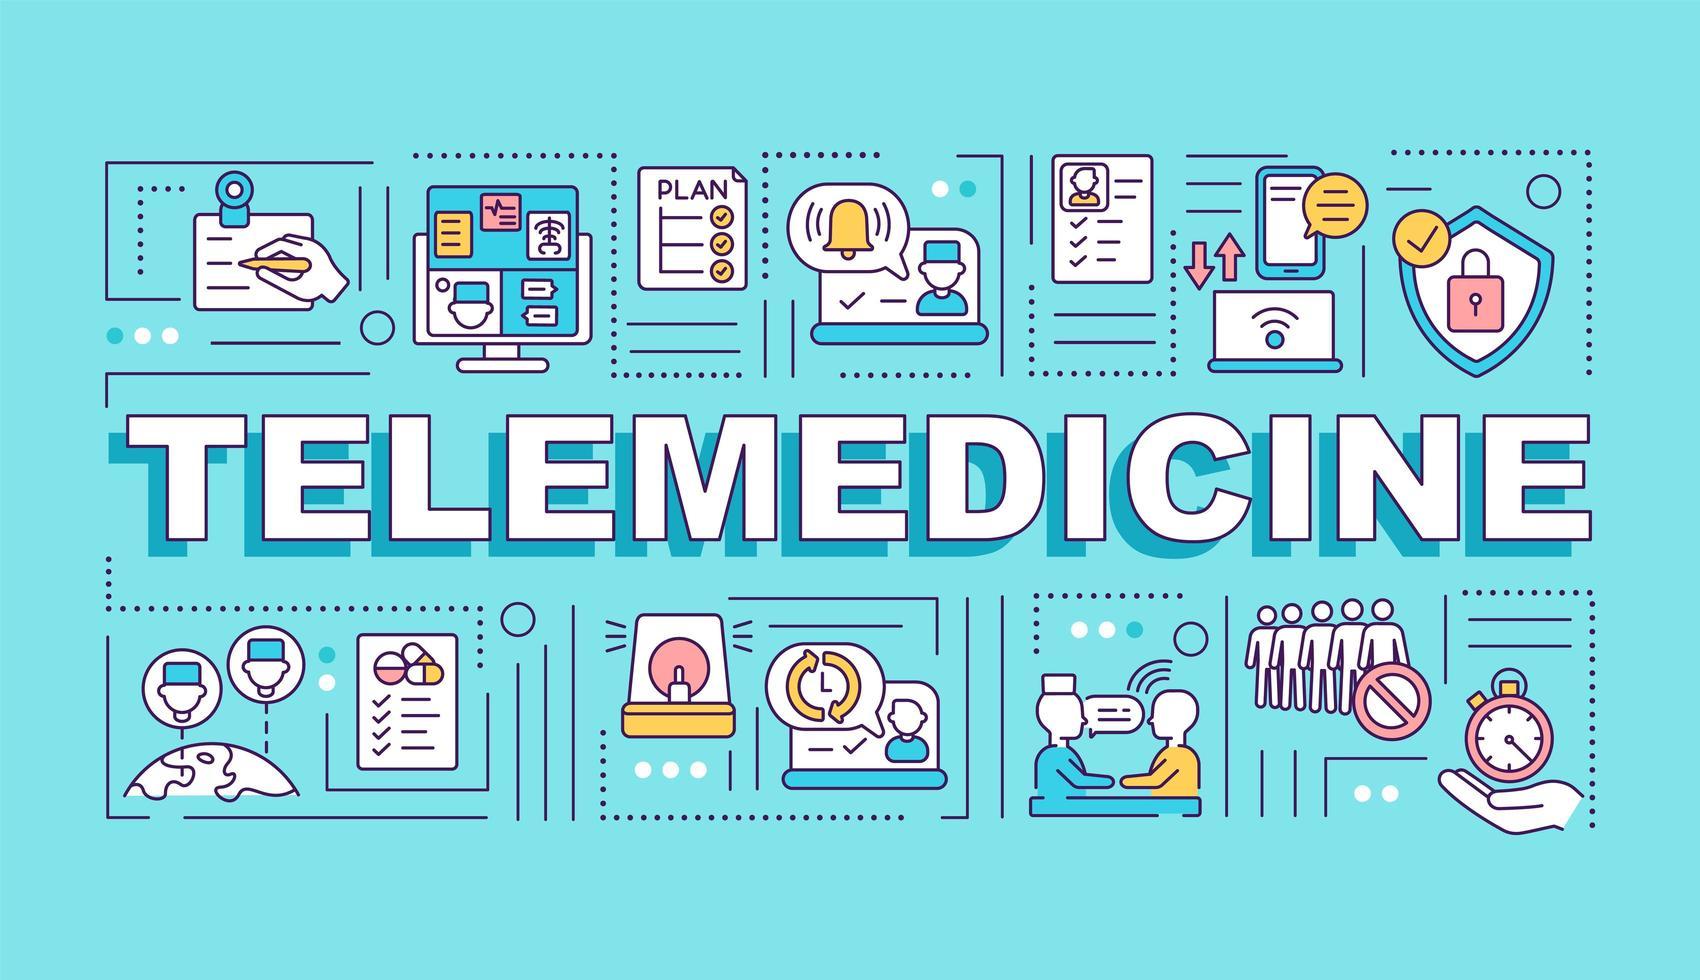 banner de conceptos de palabra de telemedicina vector